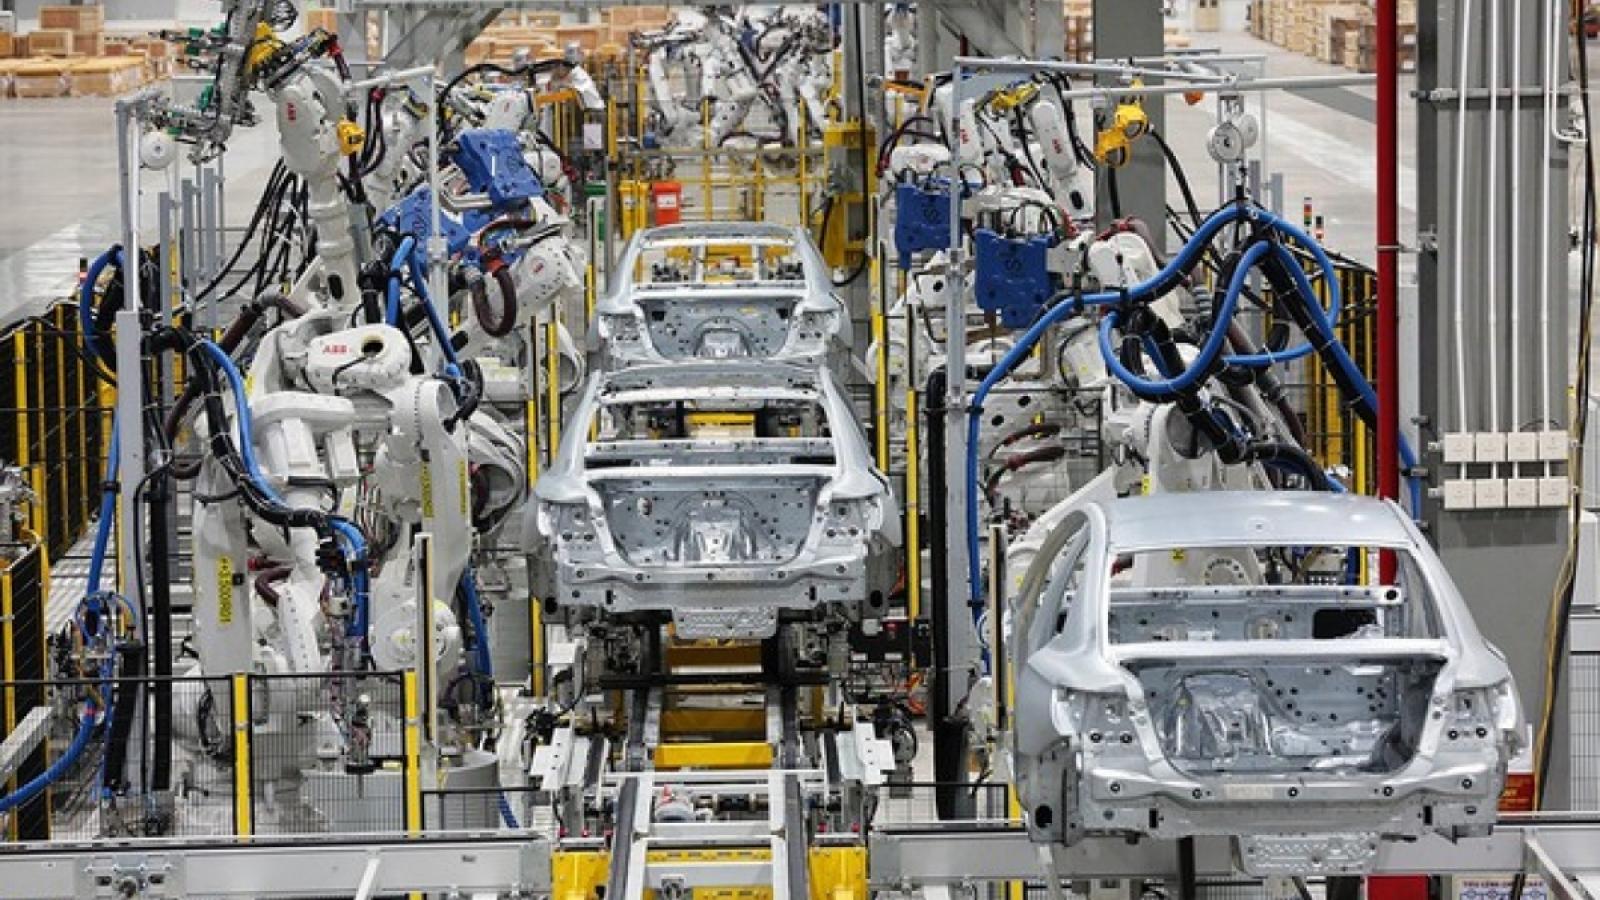 Phó Thủ tướng: Nghiên cứu đề xuất giảm 50% lệ phí trước bạ ô tô